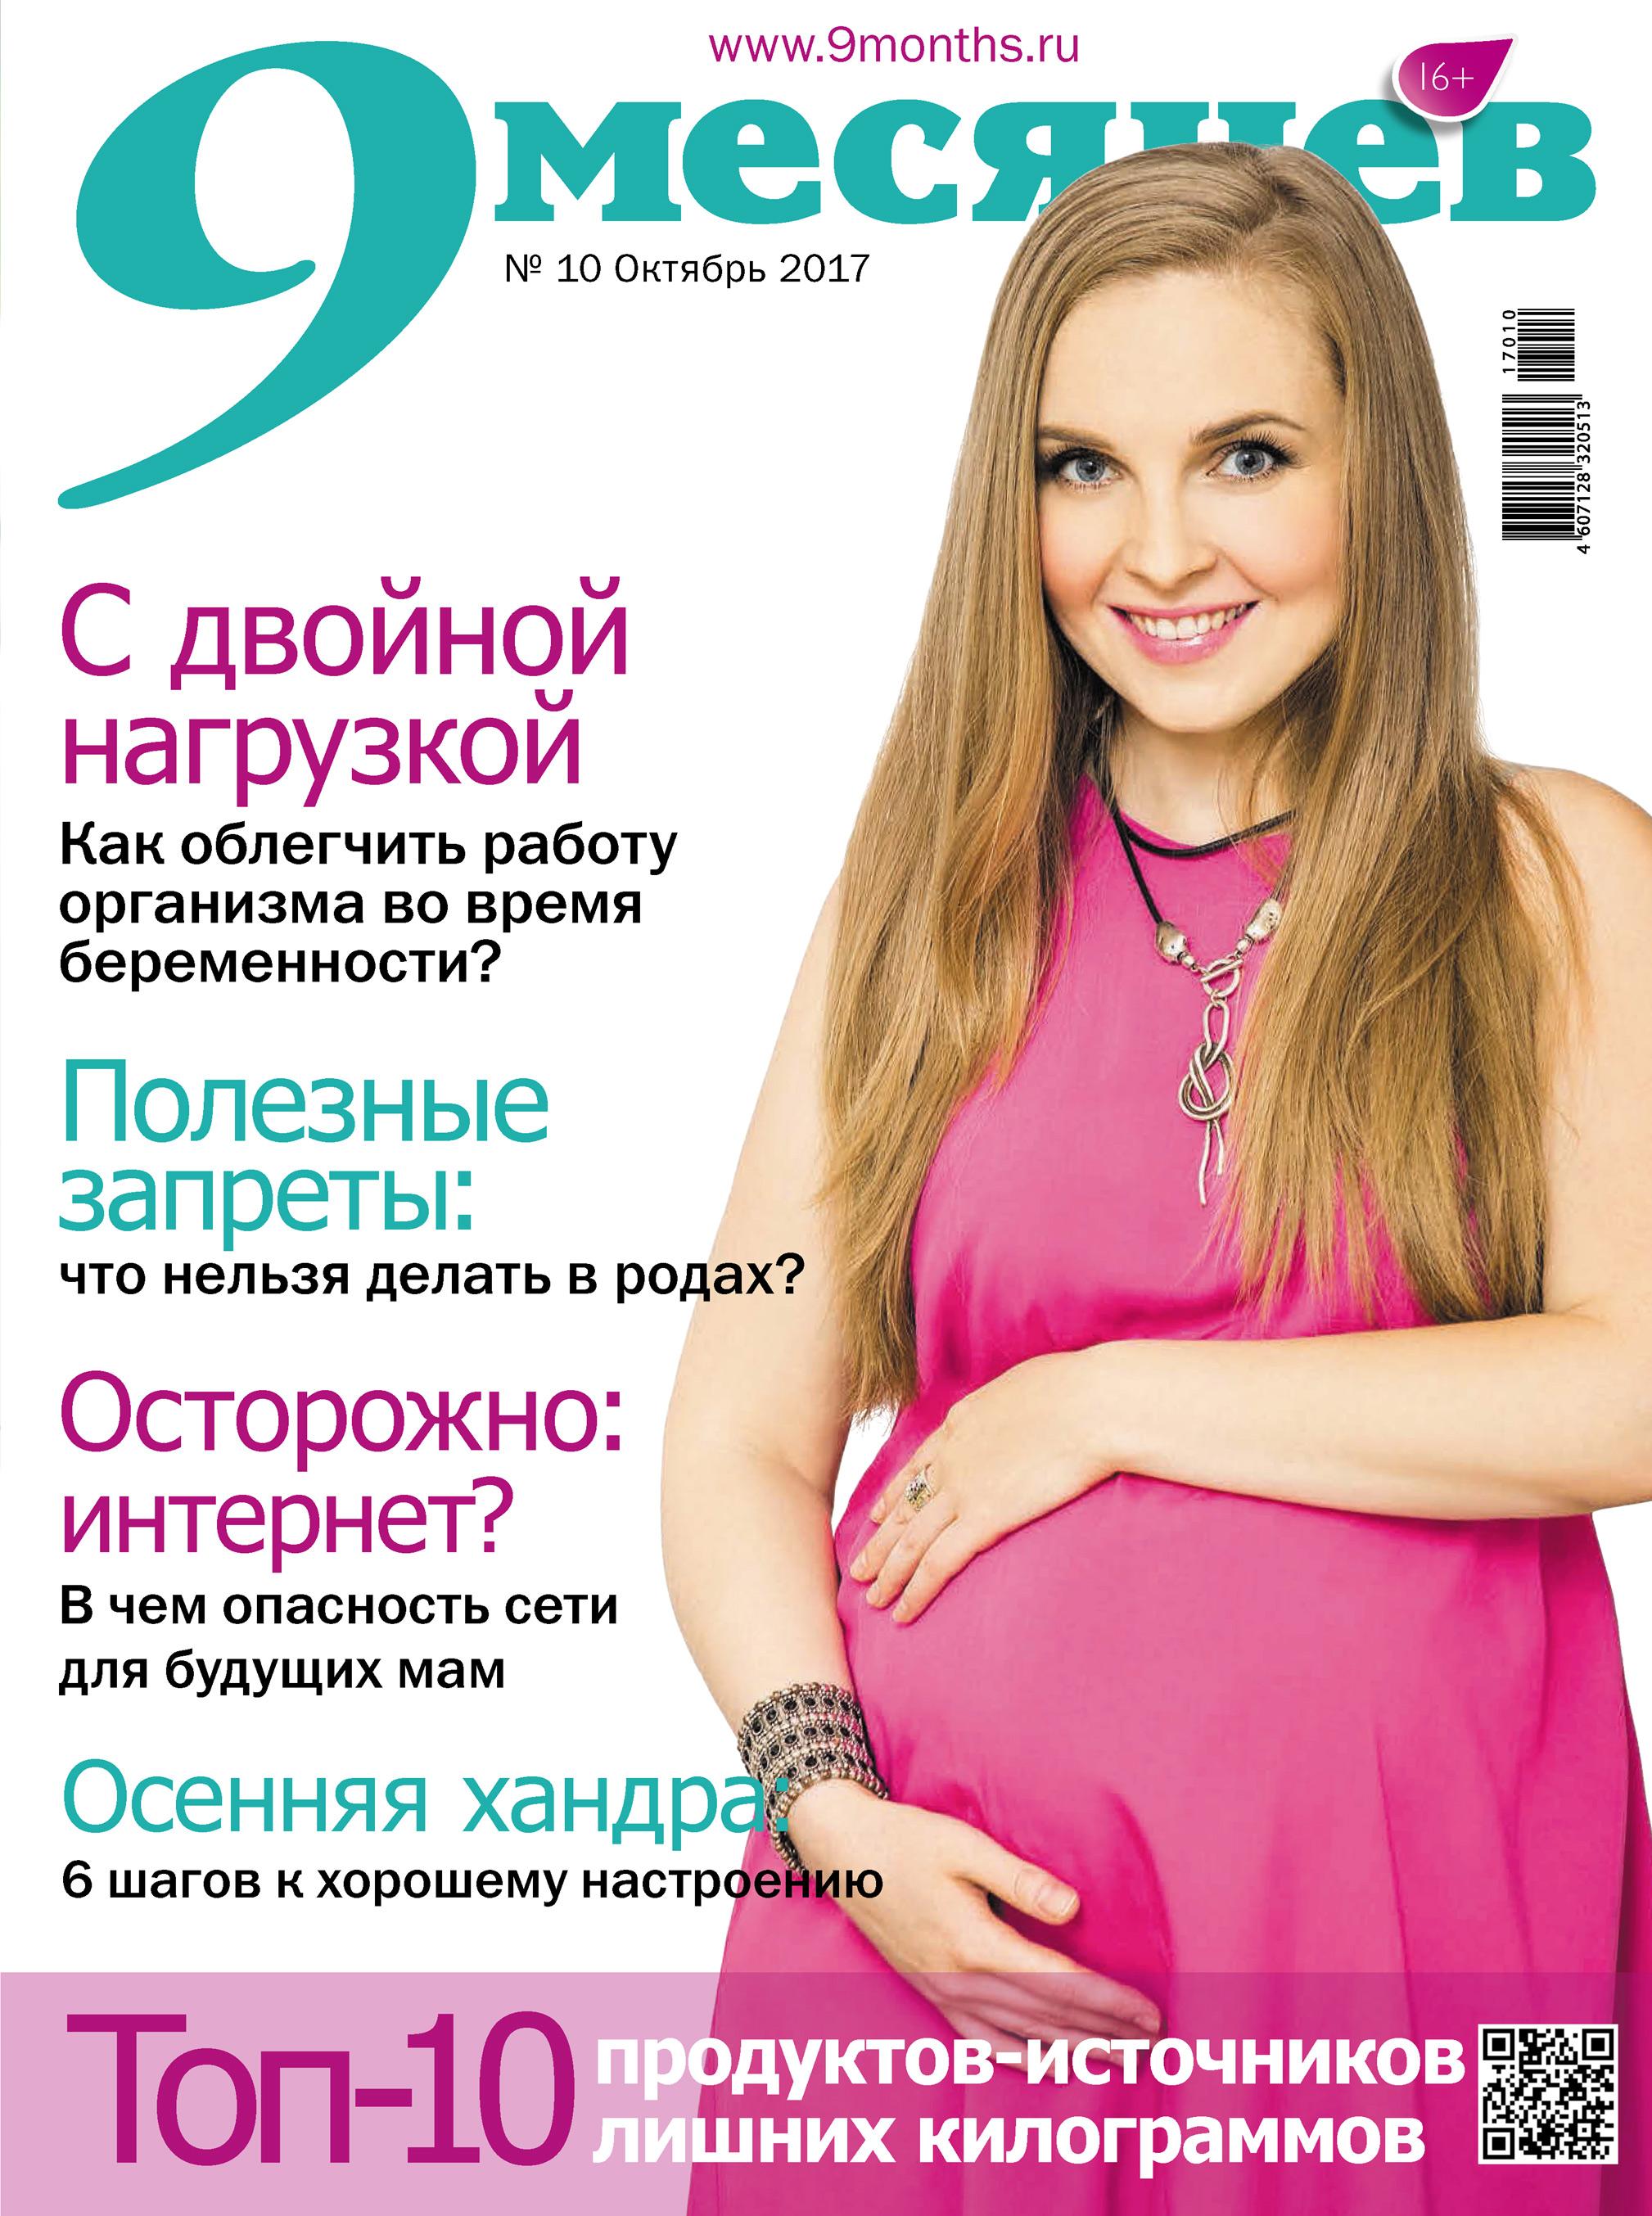 Отсутствует 9 месяцев №10/2017 журнал 9 месяцев апрель 2017